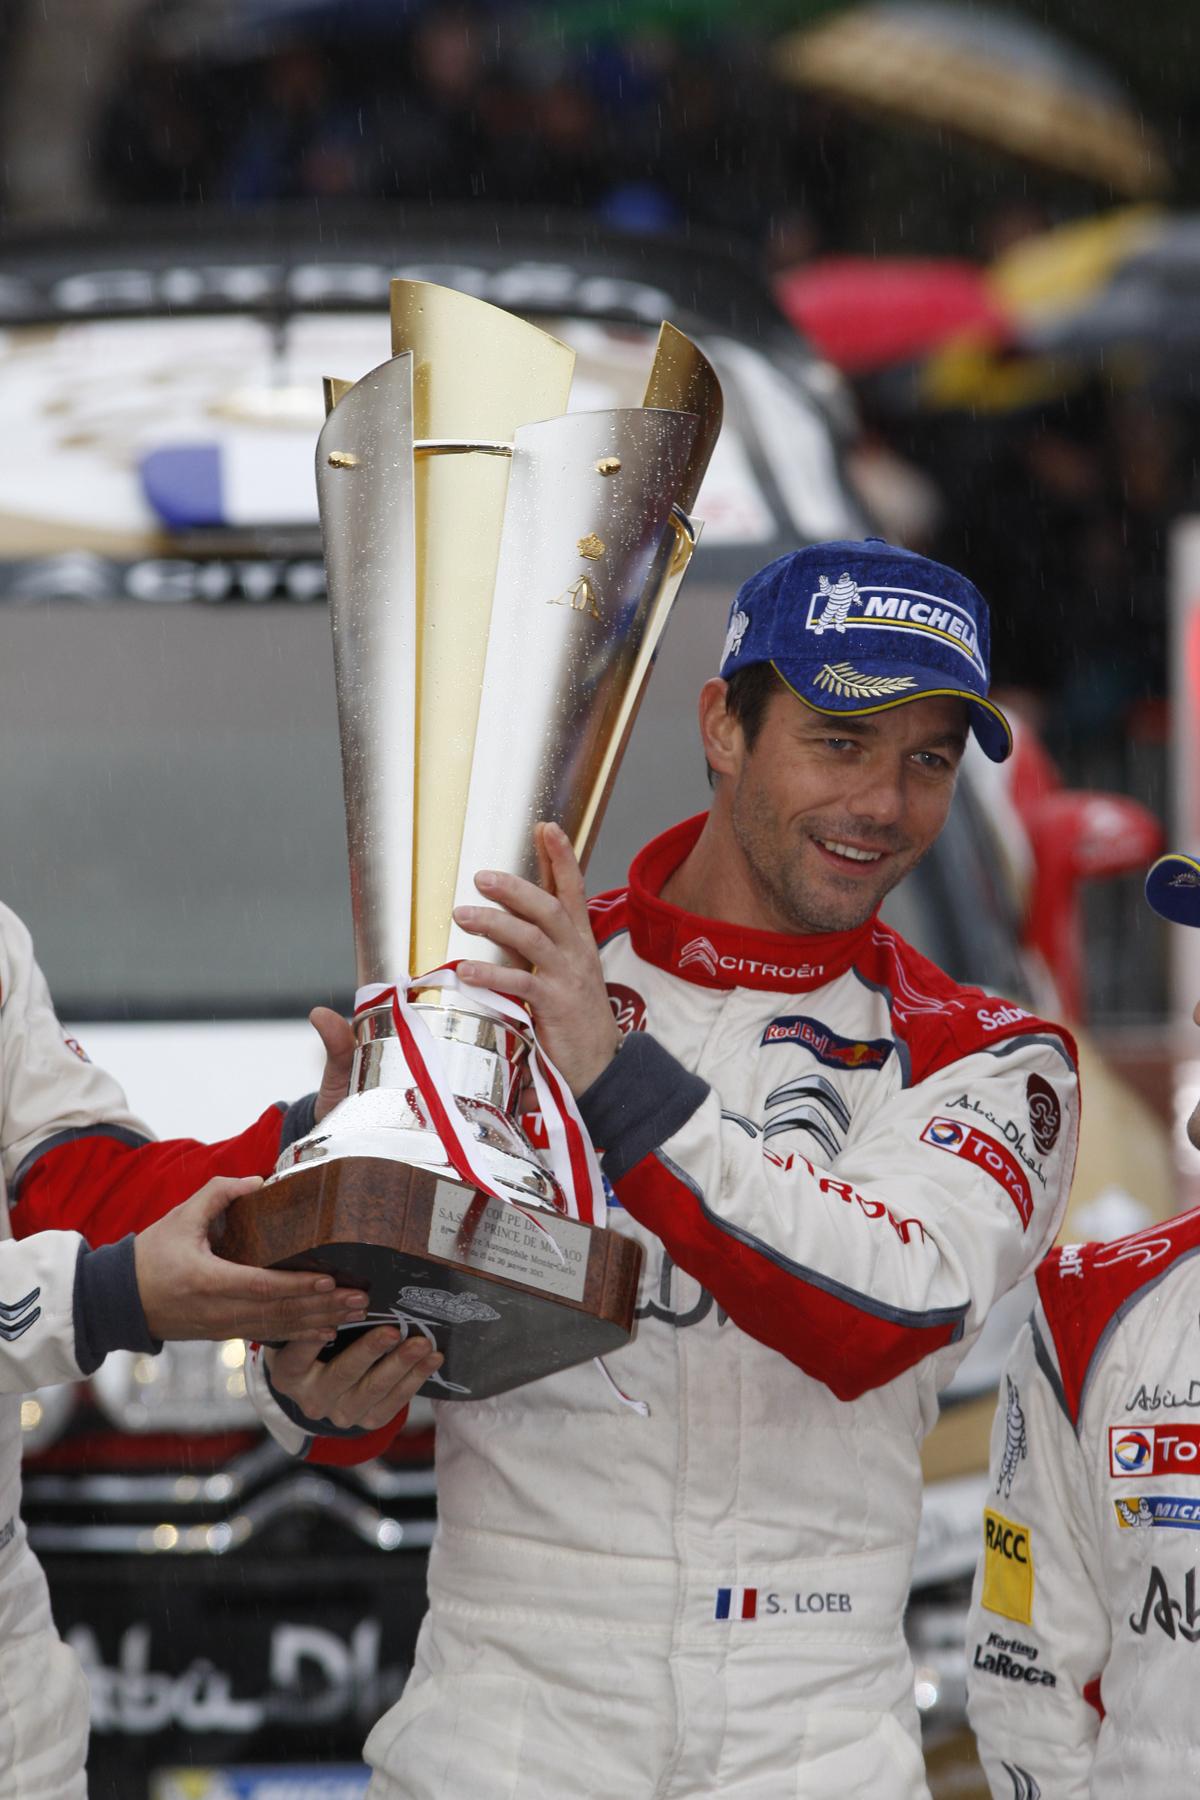 Sébastien Loeb - Winner